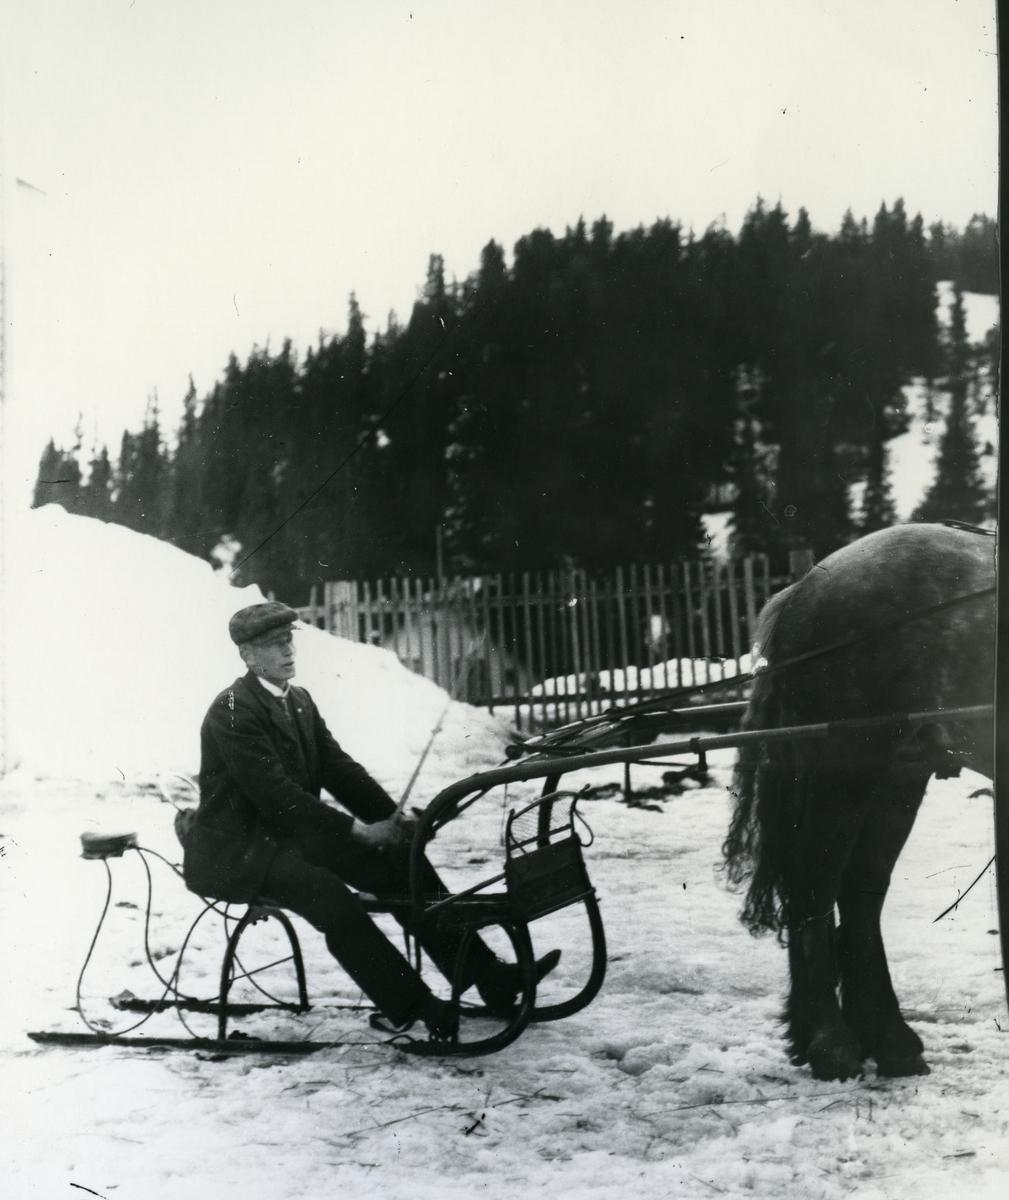 Mann sittende på slede, spent for hest